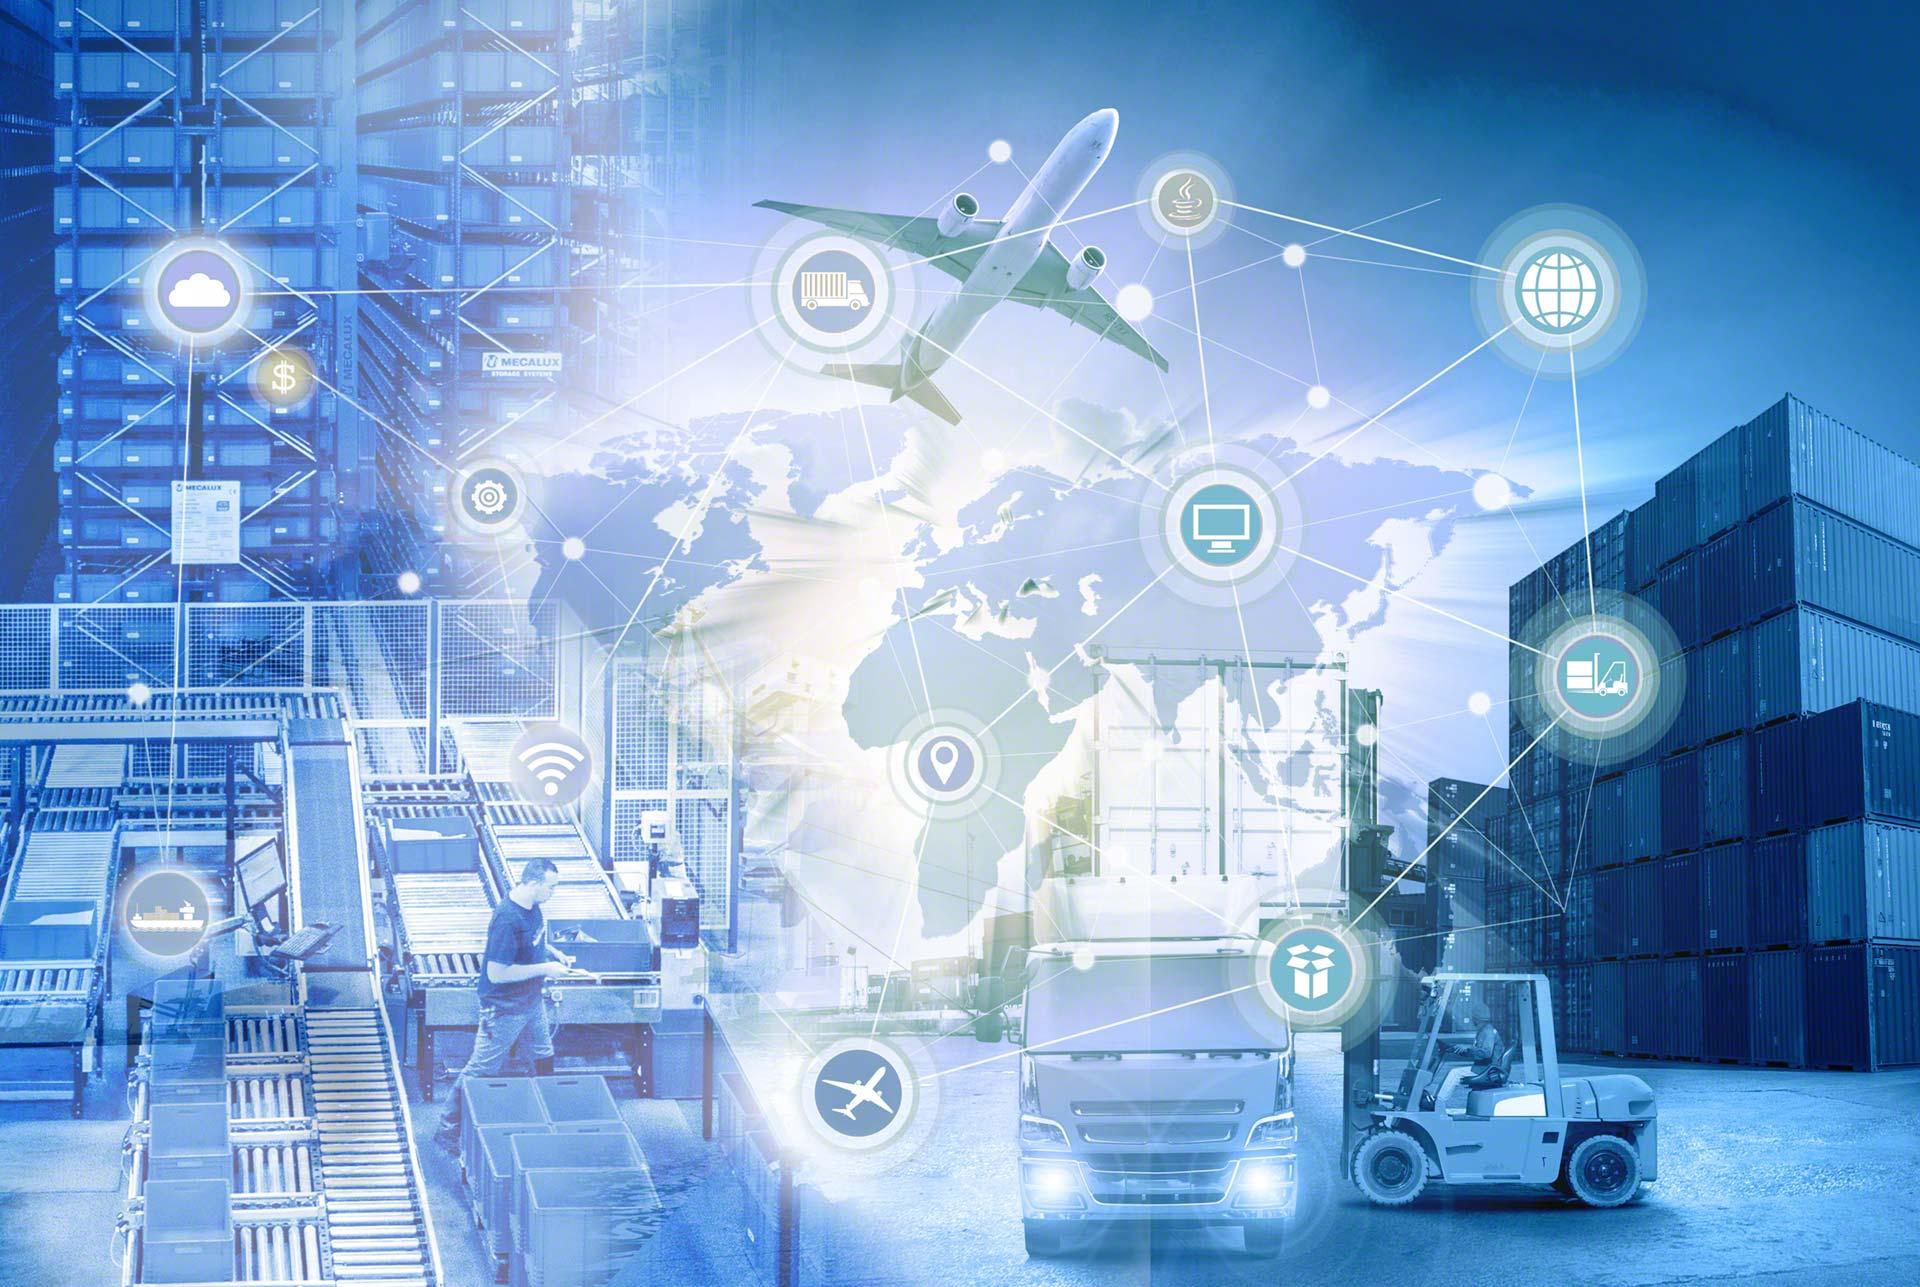 Supply Chain 4.0 (SCM 4.0): una cadena de suministro más inteligente, segura, ágil y flexible